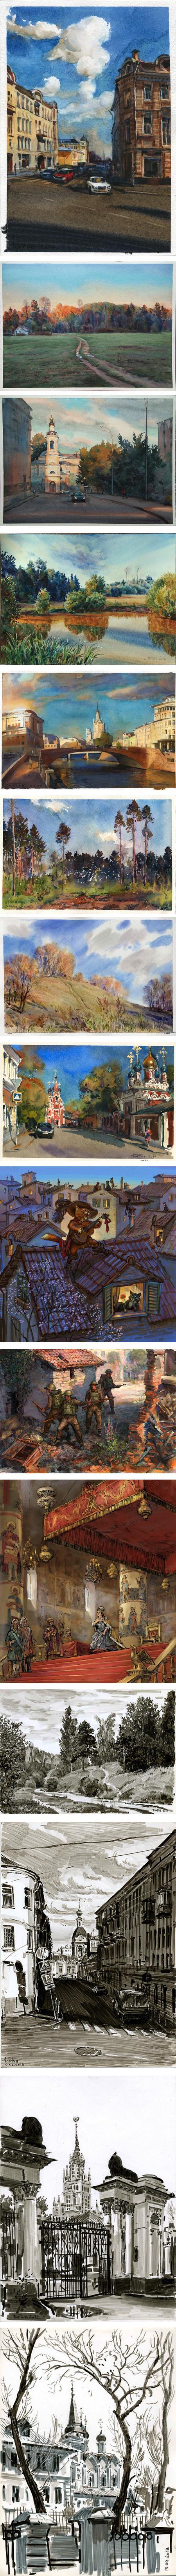 Anton Batov, watercolor and illustration